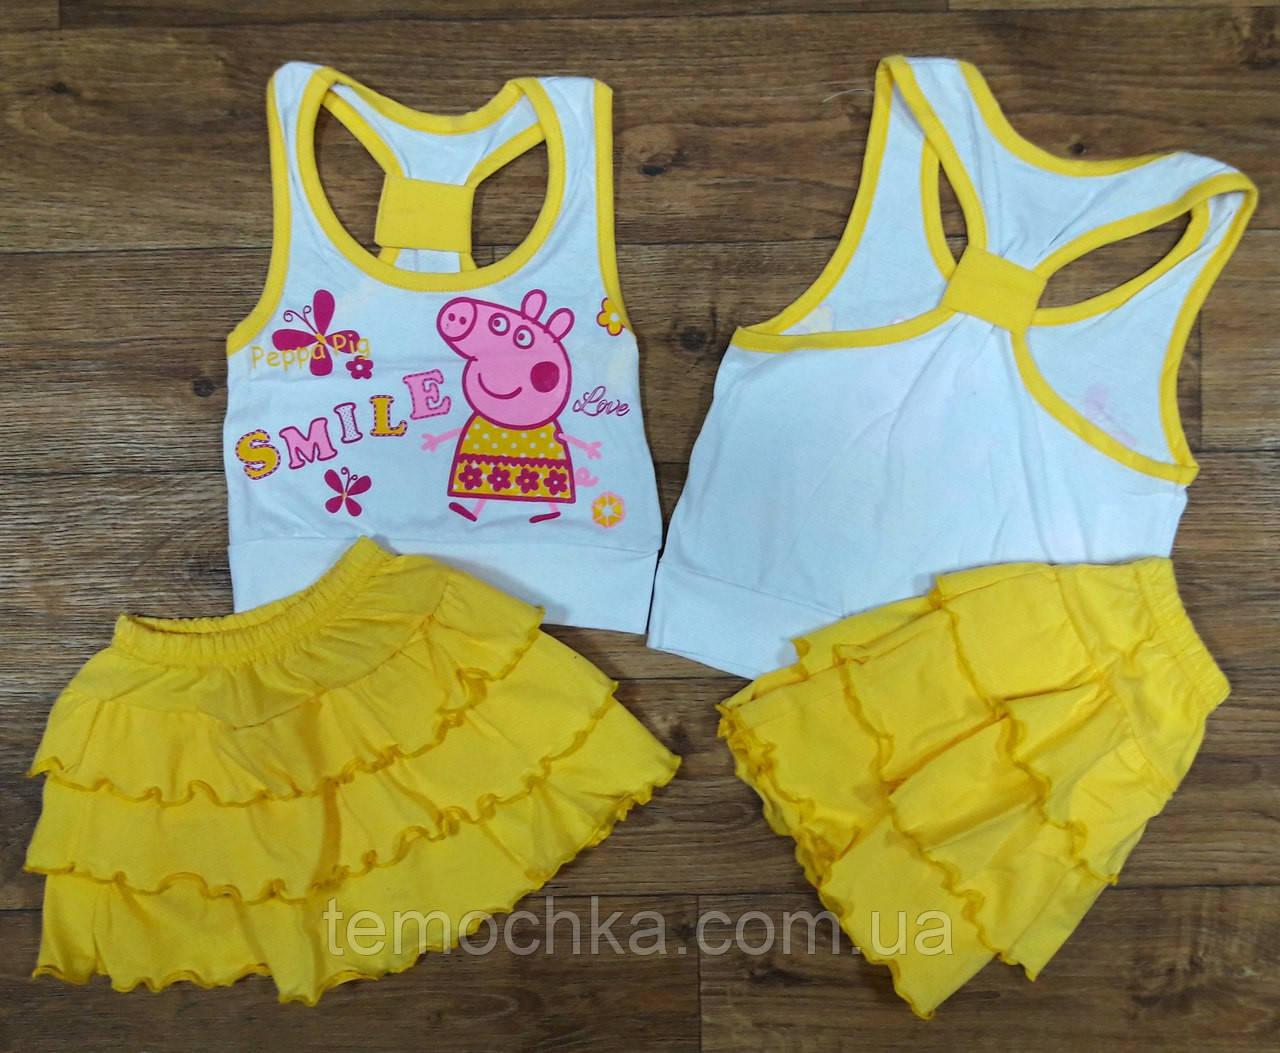 Летний комплект свинка ПЕППА. Желтый